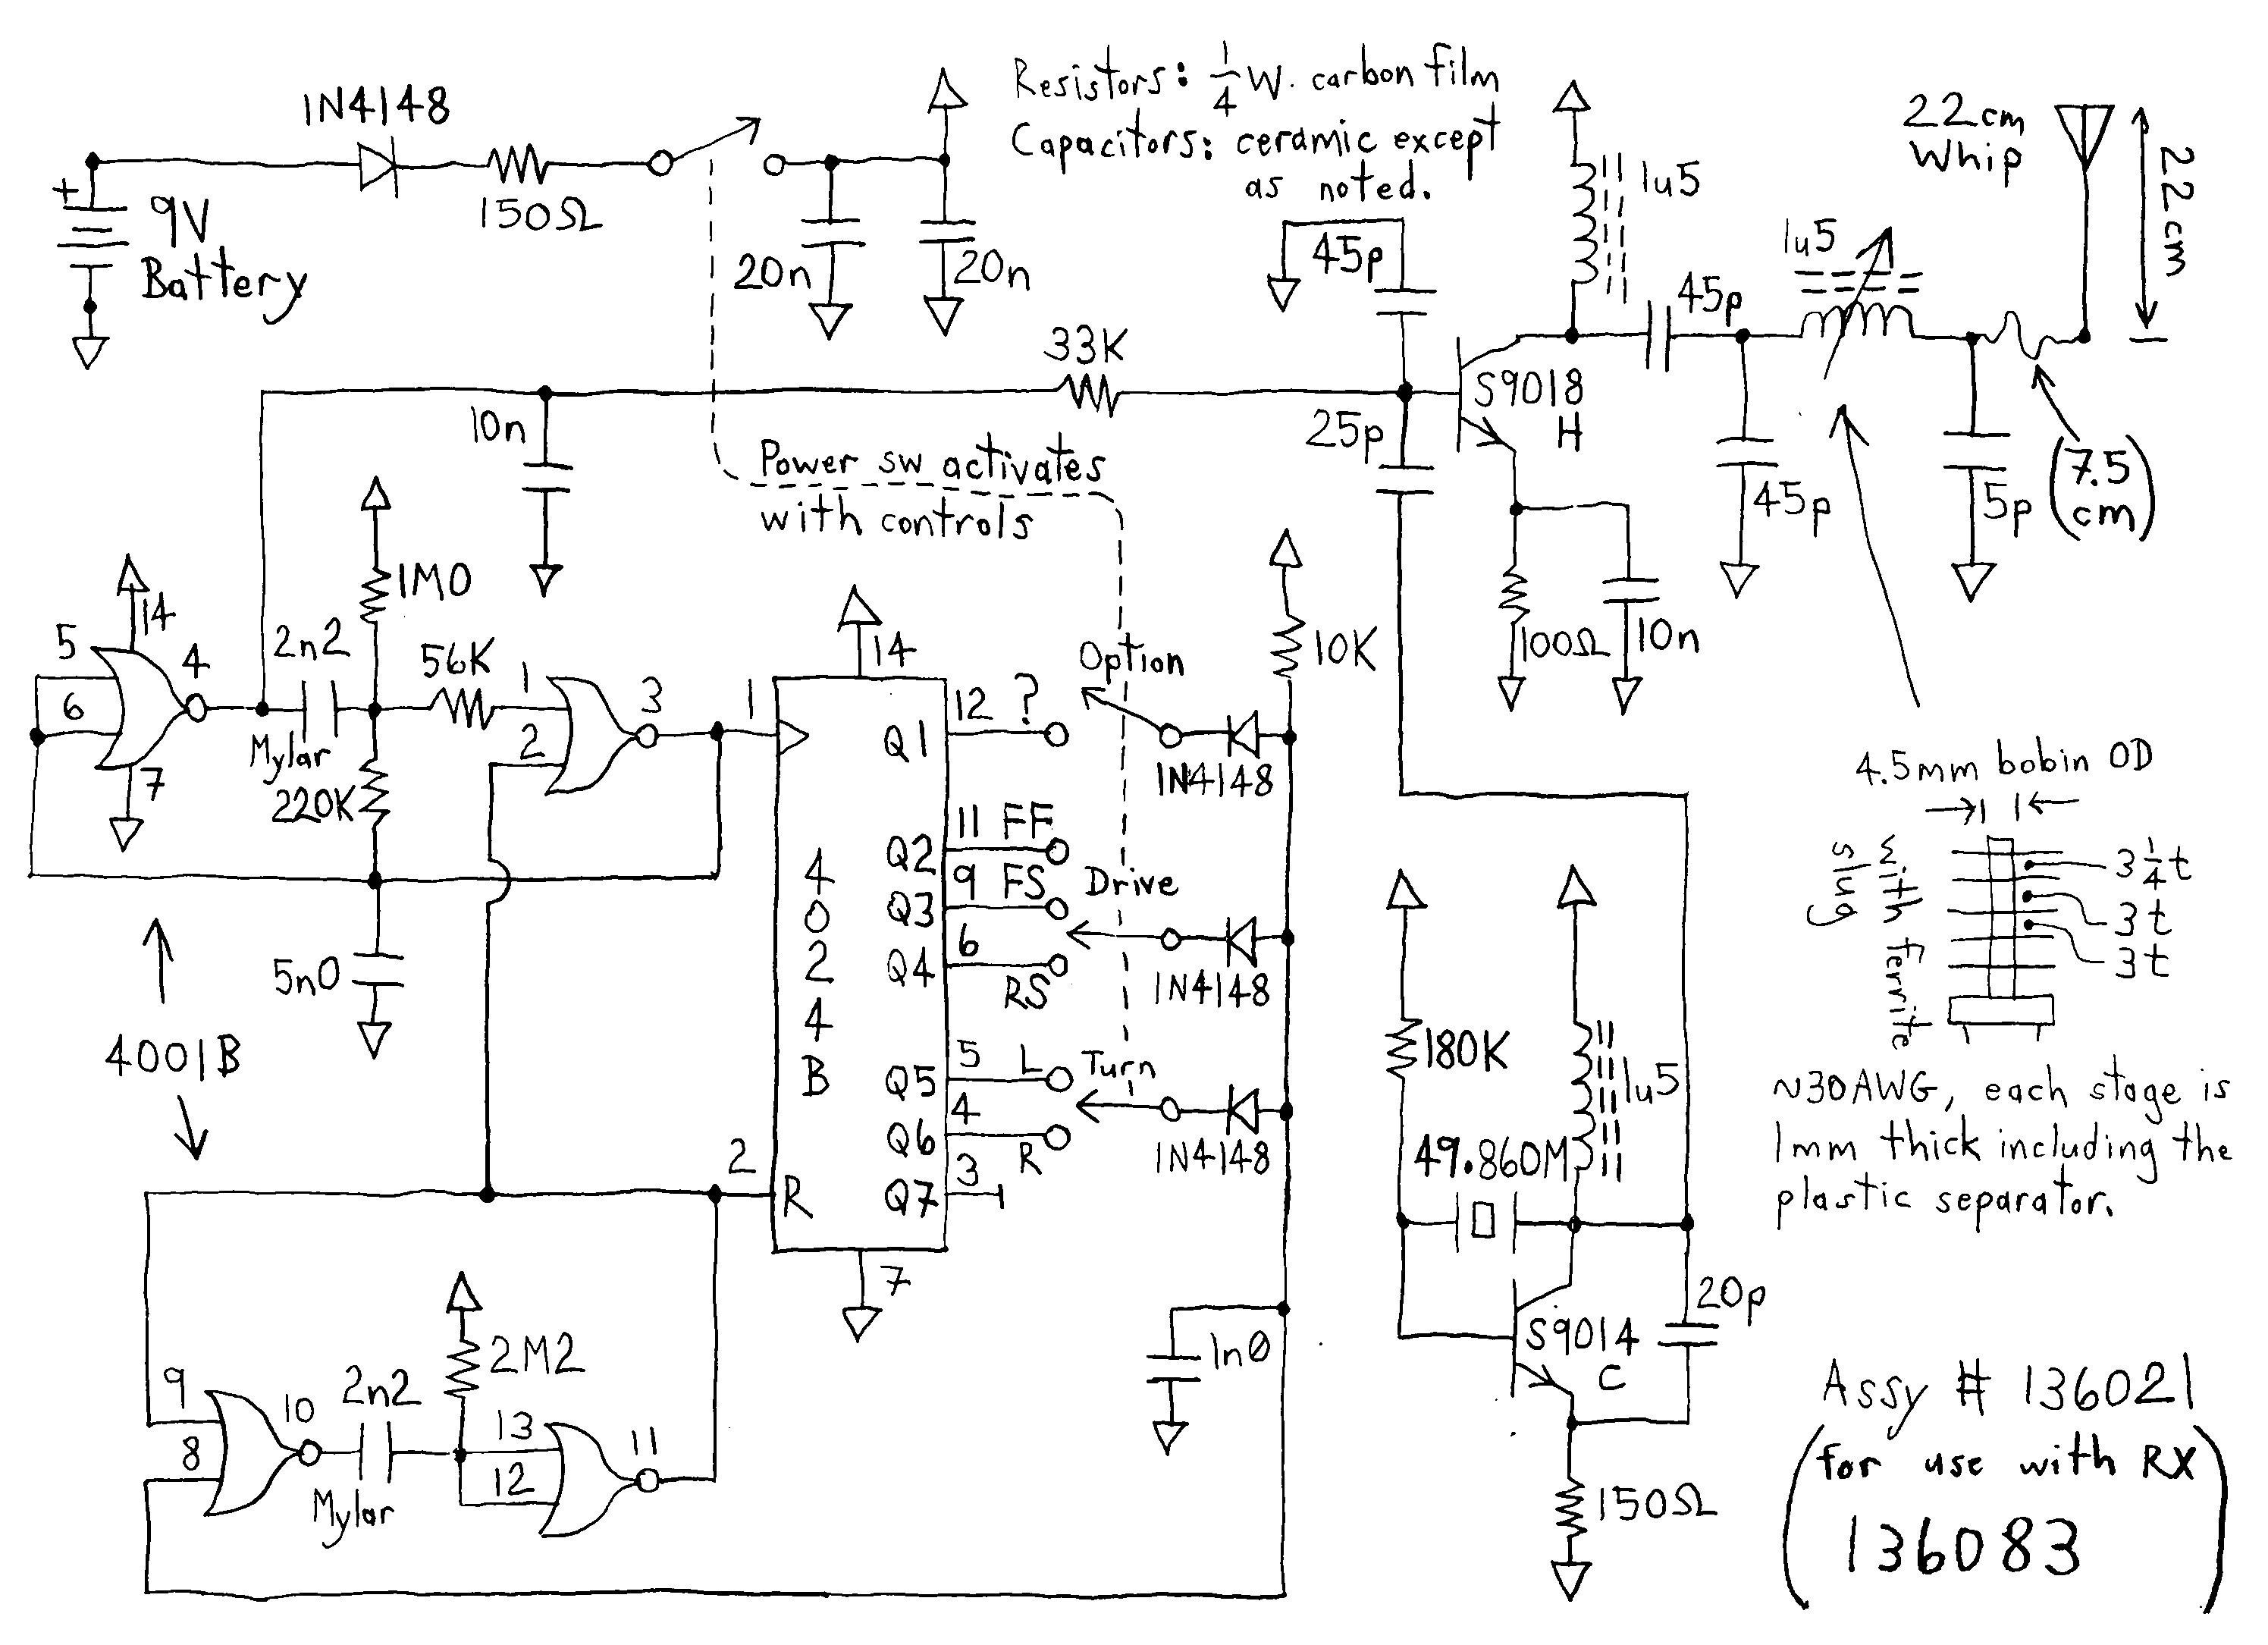 1966 Mustang Wiring Diagram Wiring Diagrams Denon Data Wiring Diagrams • Of 1966 Mustang Wiring Diagram